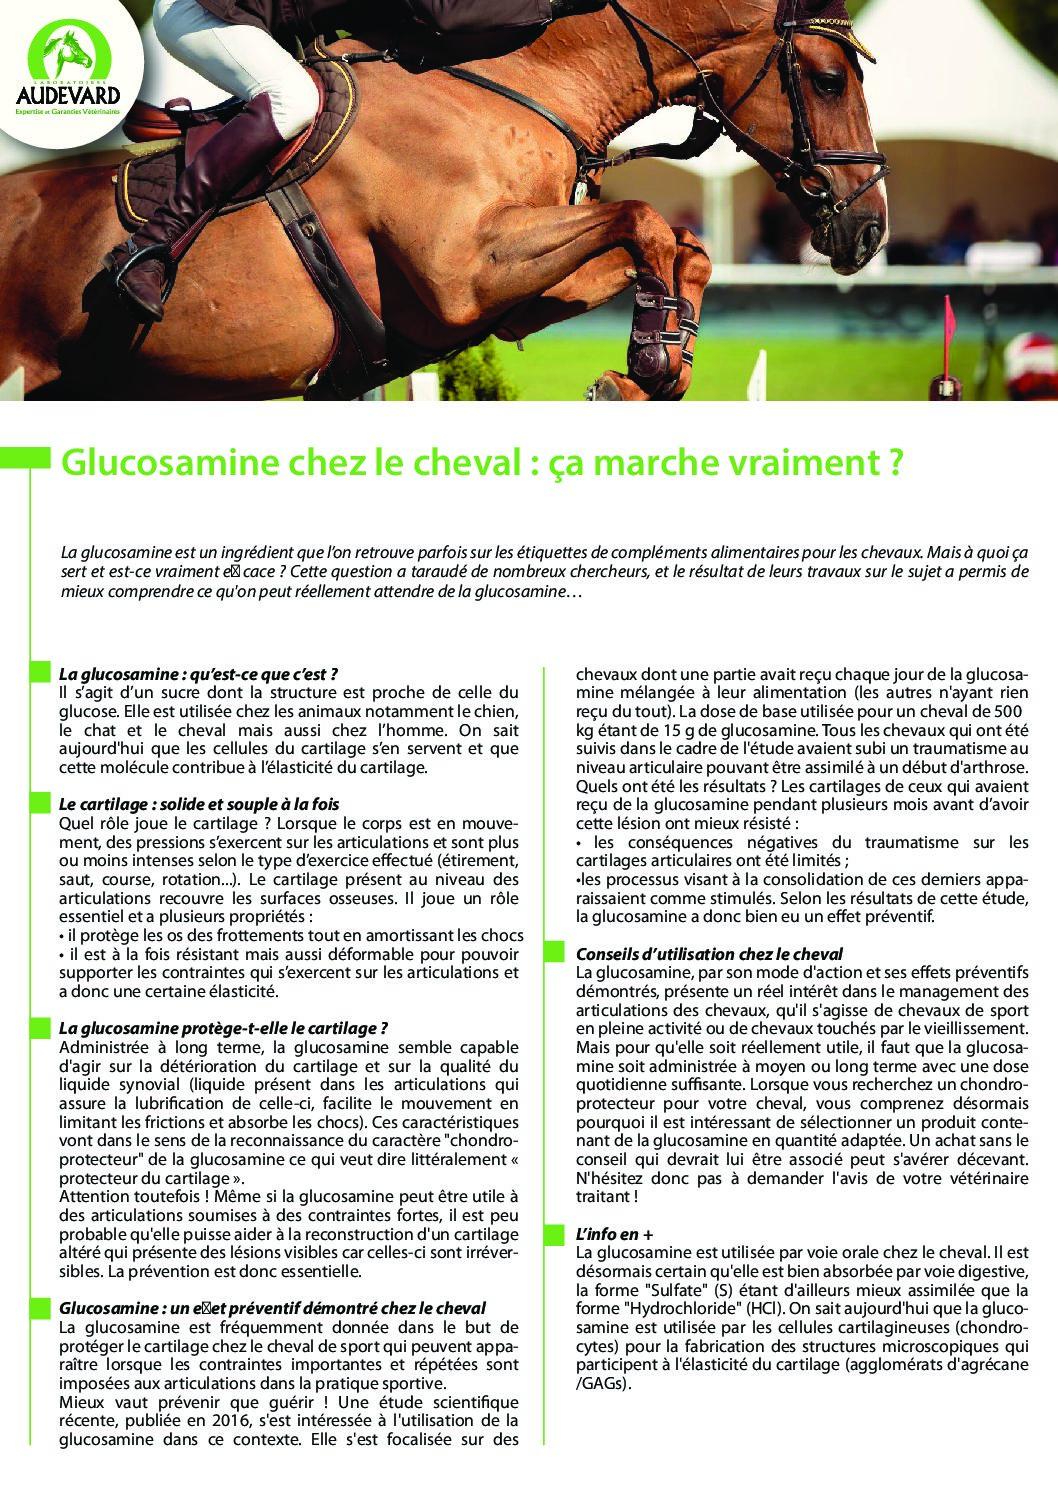 La glucosamine, à quoi ça sert?